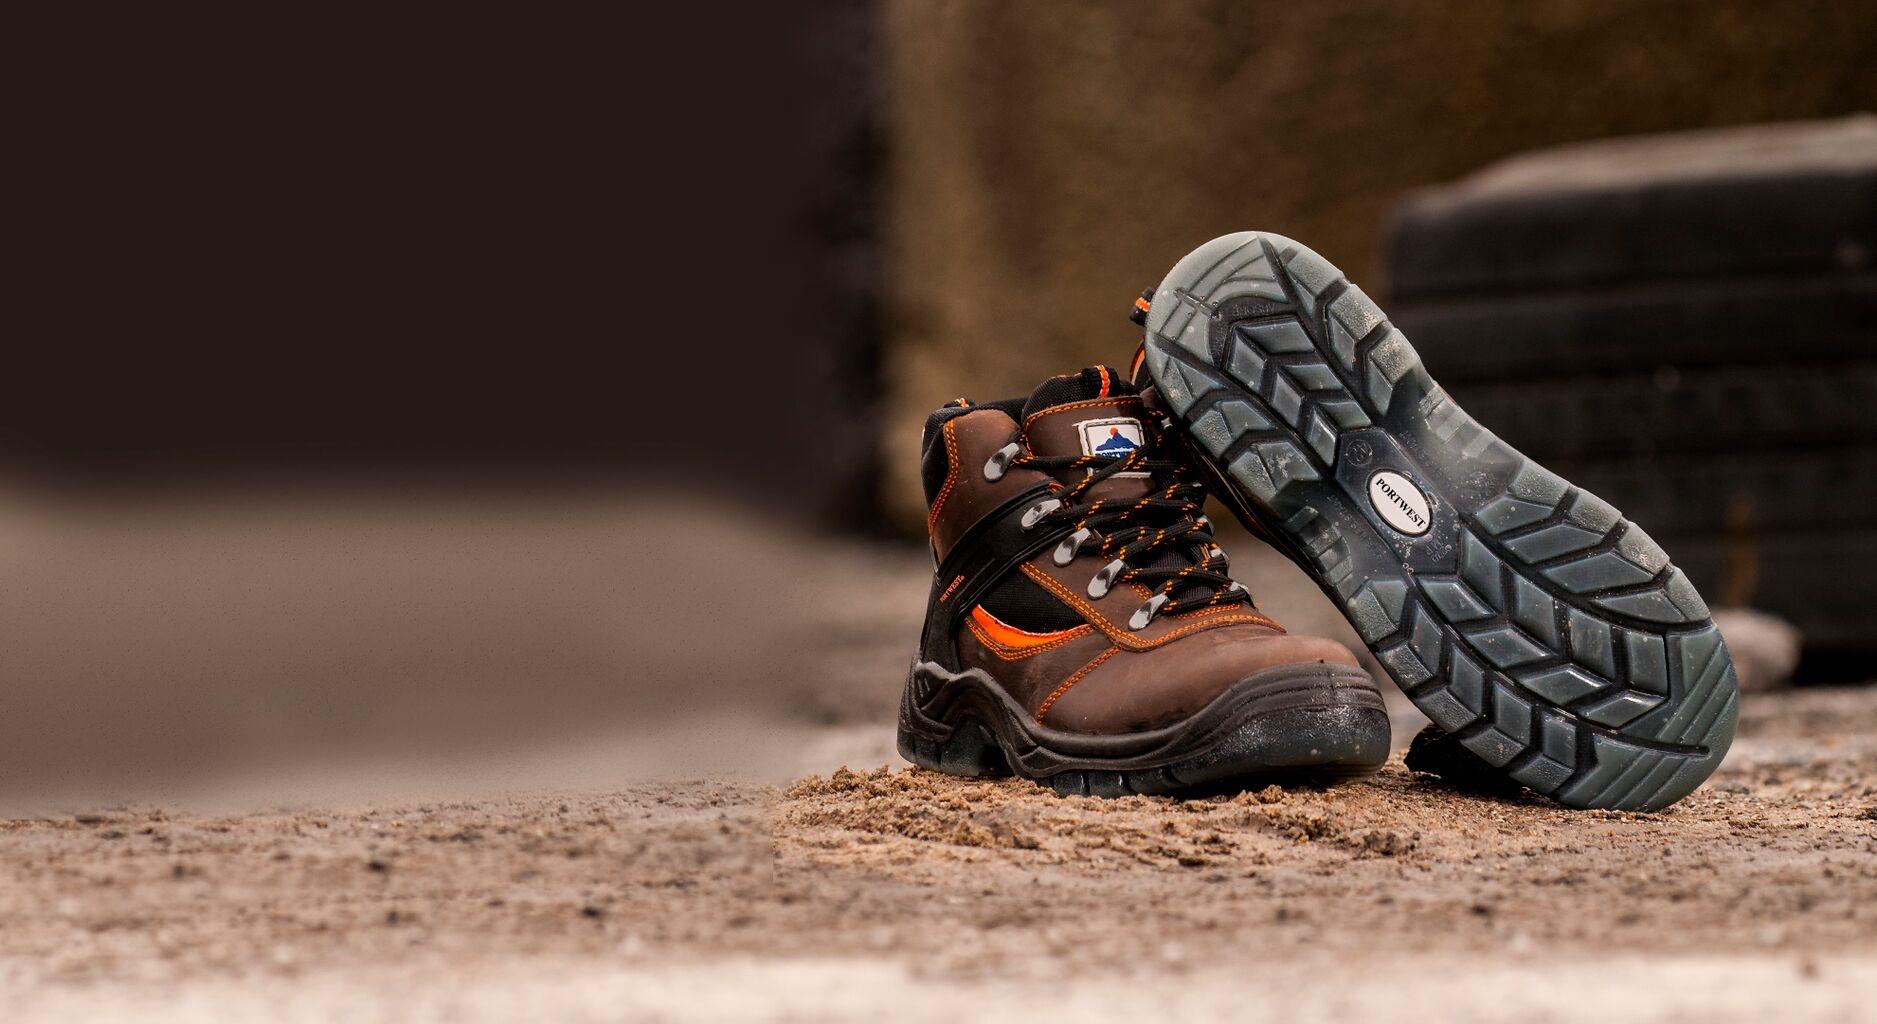 sports shoes 2e178 6e0ad Ratgeber Sicherheitsschuhe S1 | S2 | S3 | S4 | S5 | ESD | inba